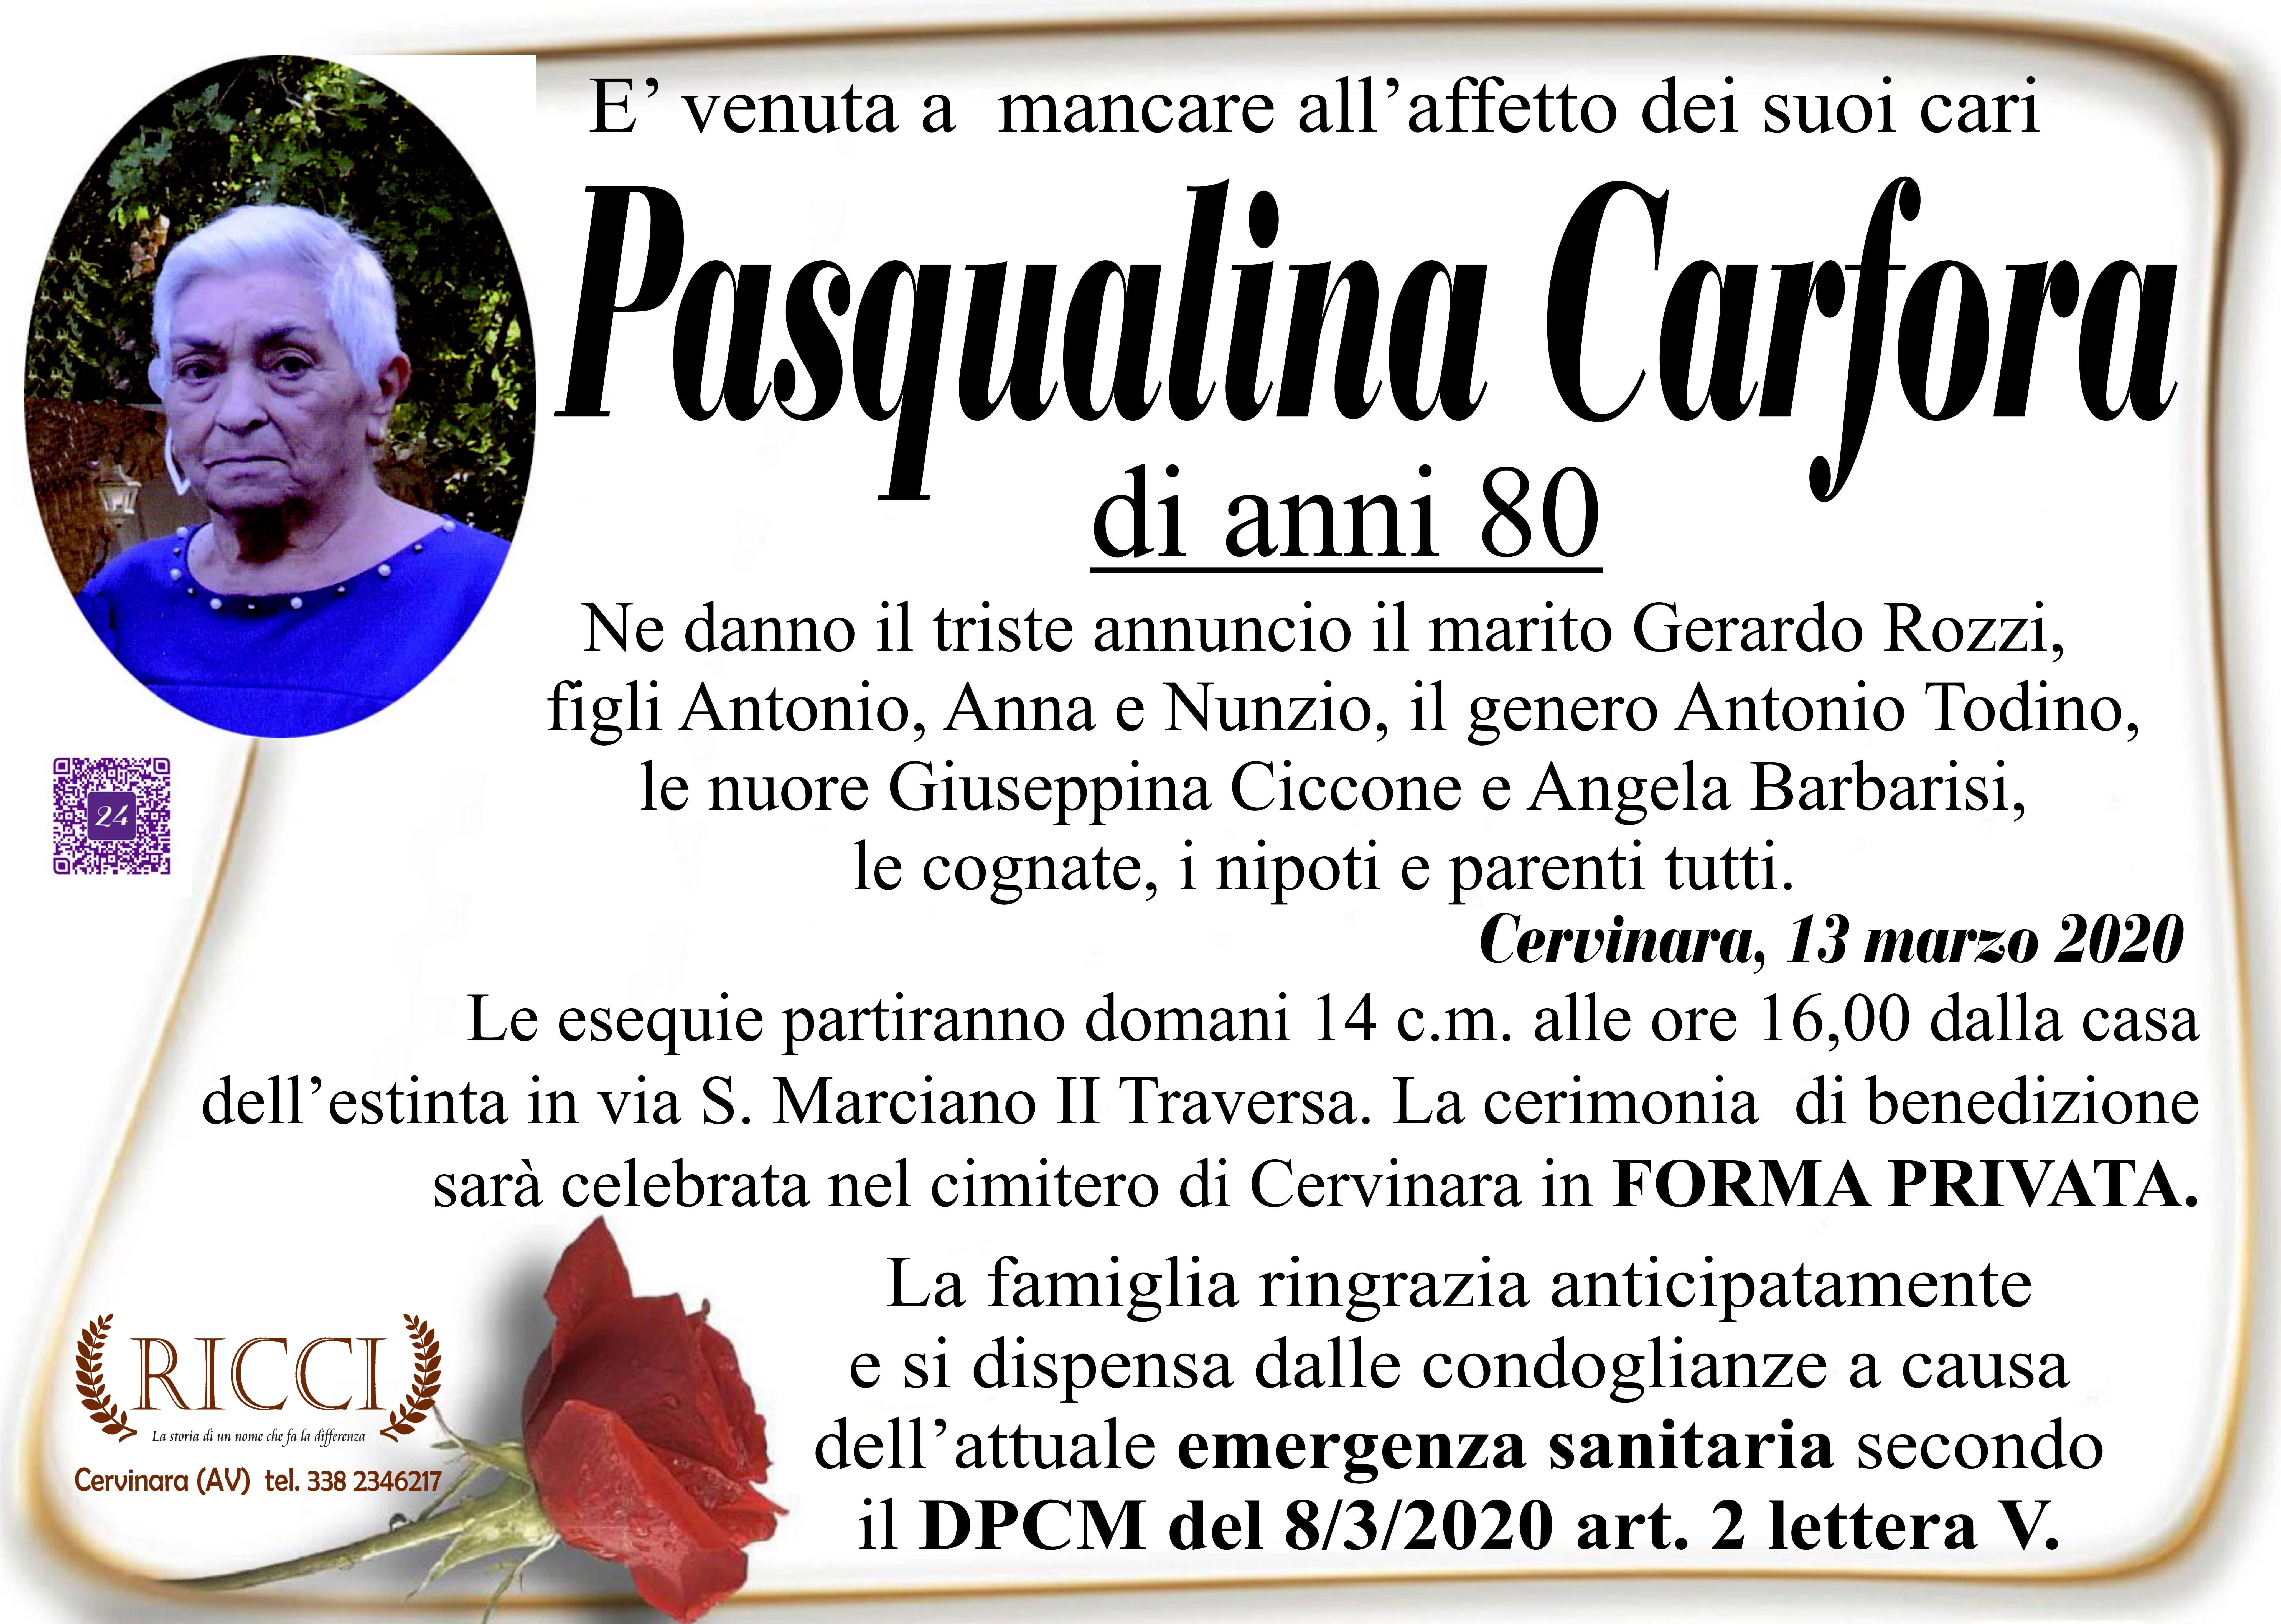 Pasqualina Carfora